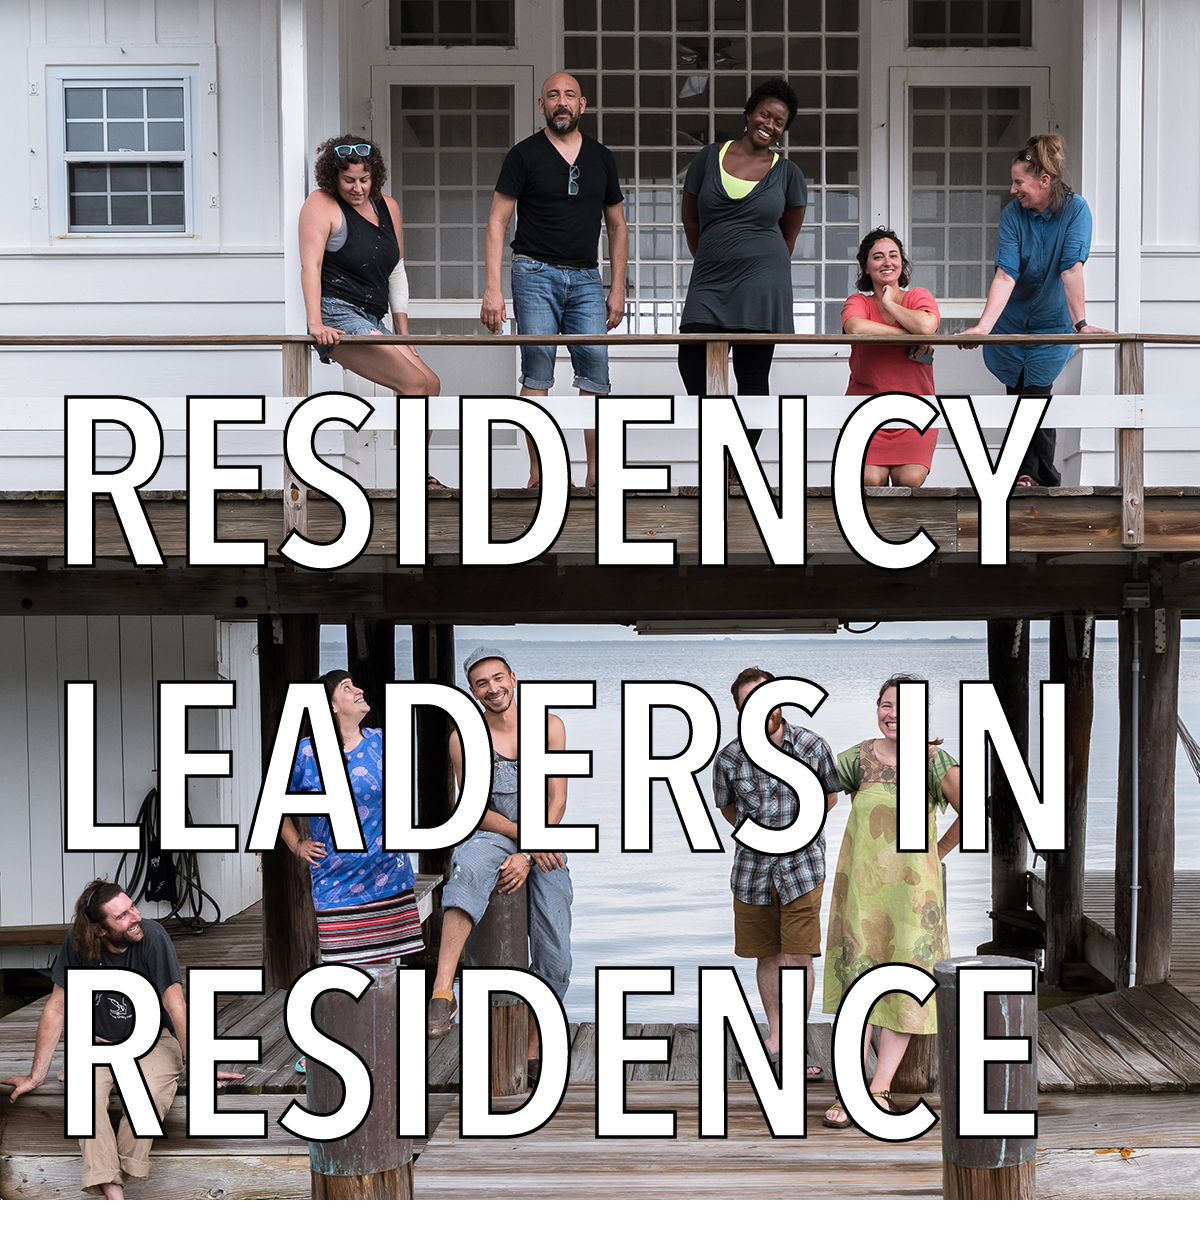 Residency Leaders in Residence thumb.jpg